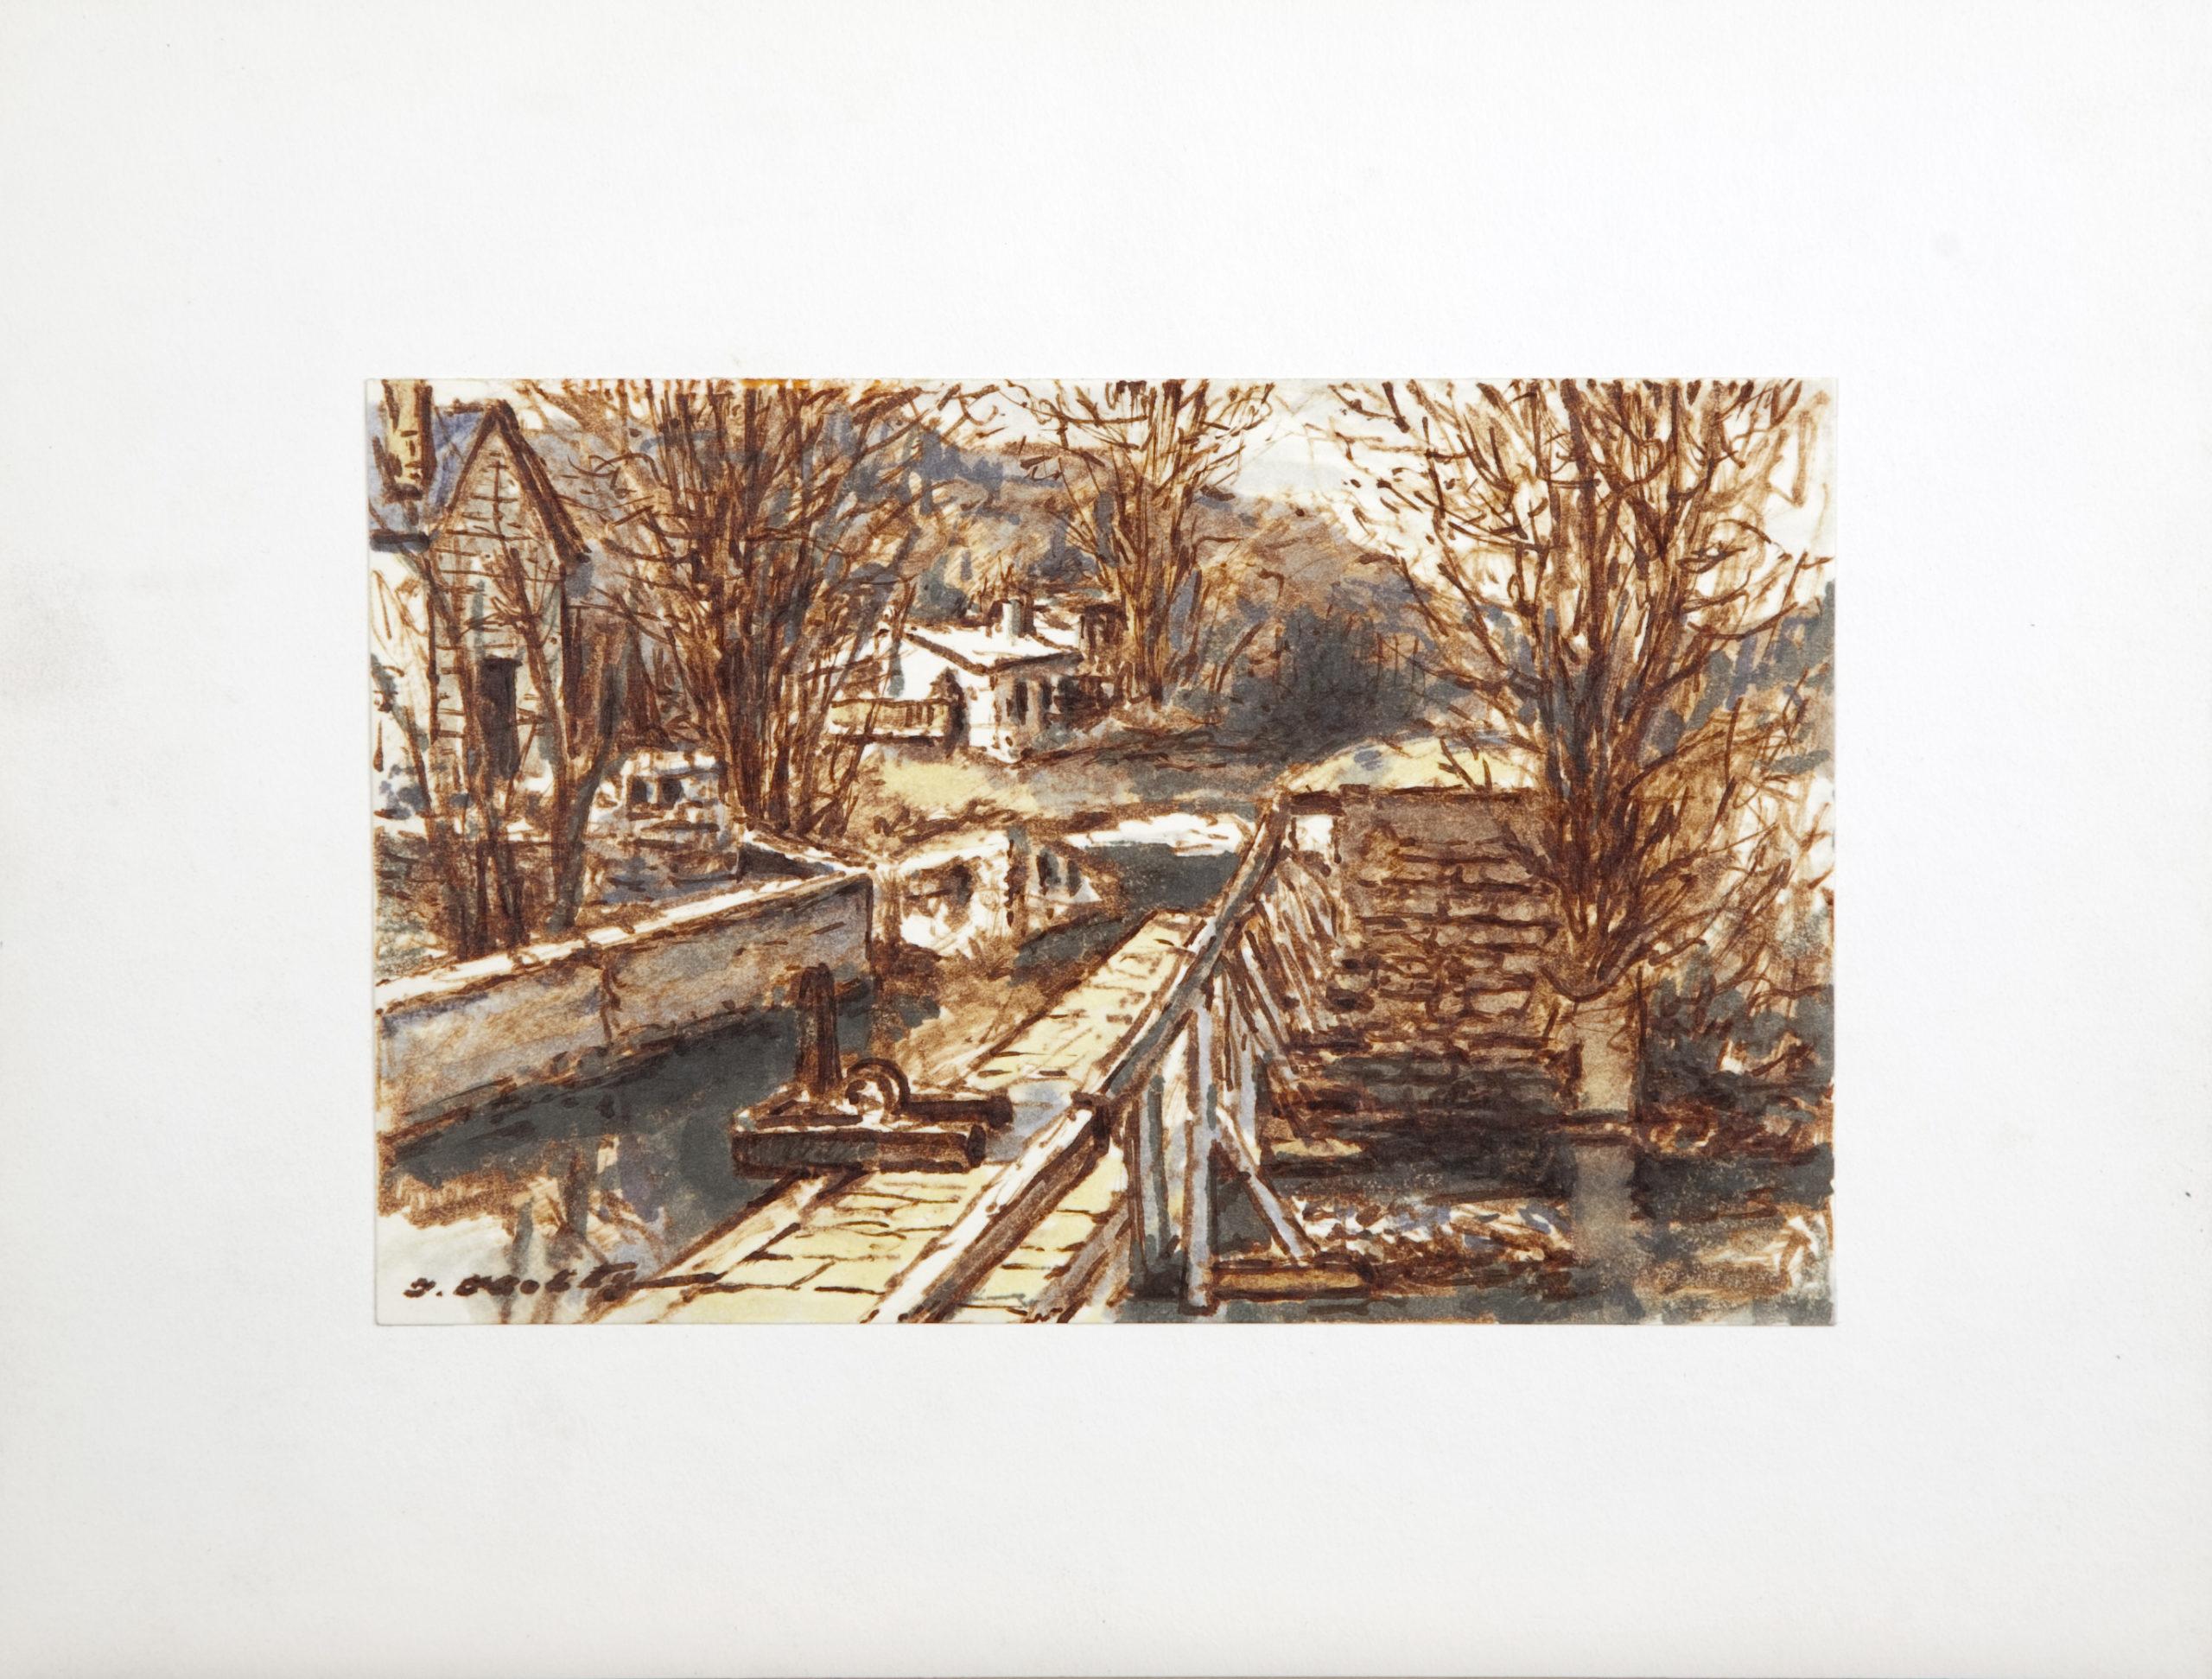 D29 Lambertville NJ - Colored Marker - 8.5 x 5.5 - Matt: 12.75 x 10 - No Frame